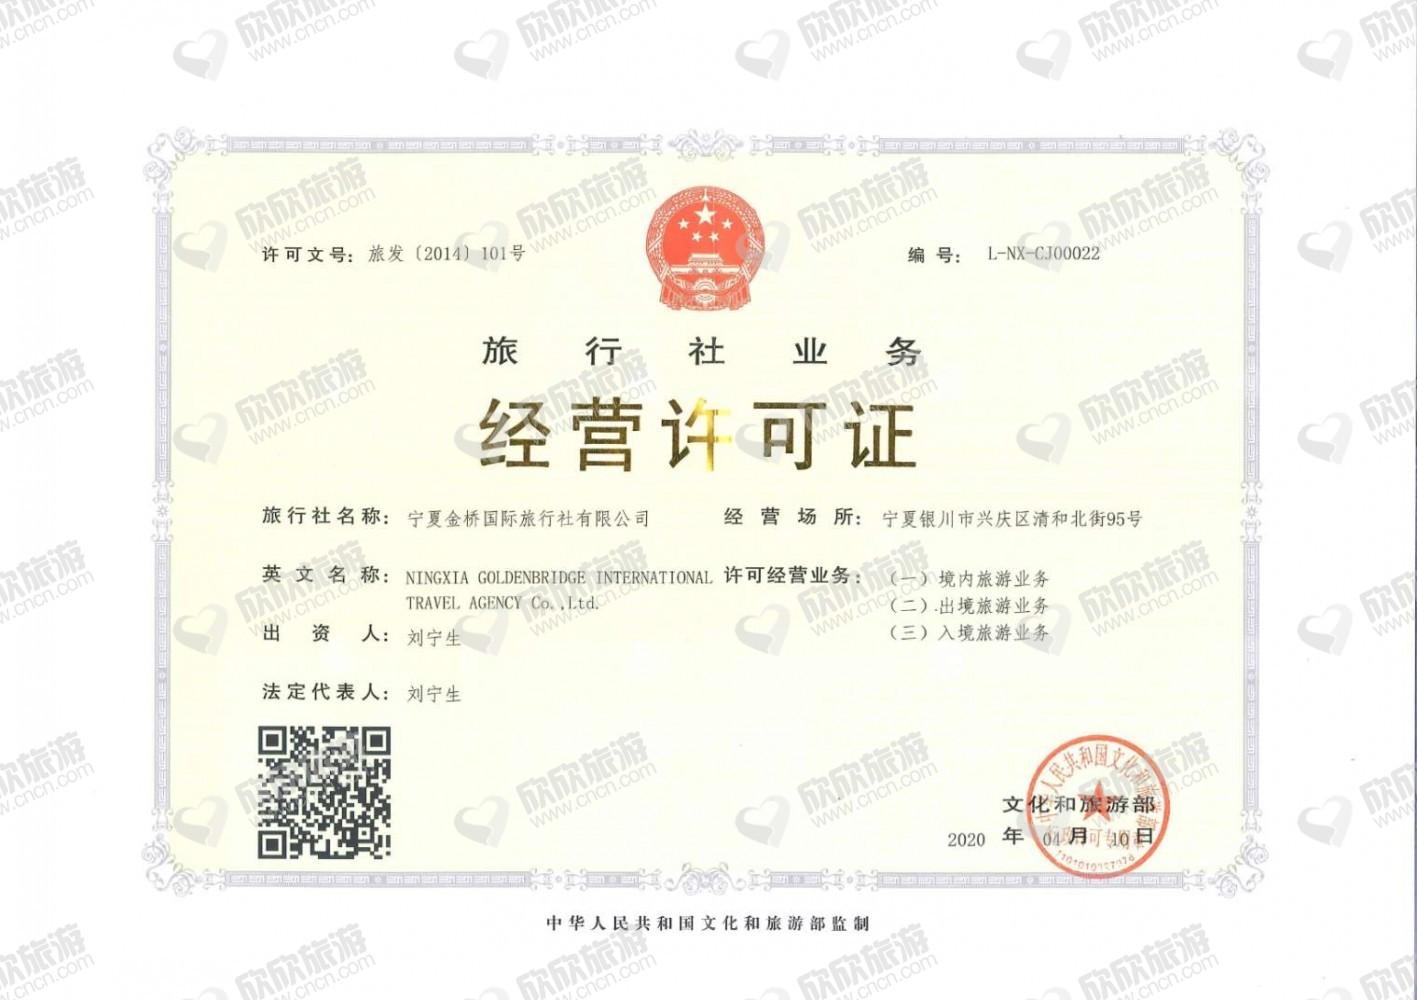 宁夏金桥国际旅行社有限公司经营许可证